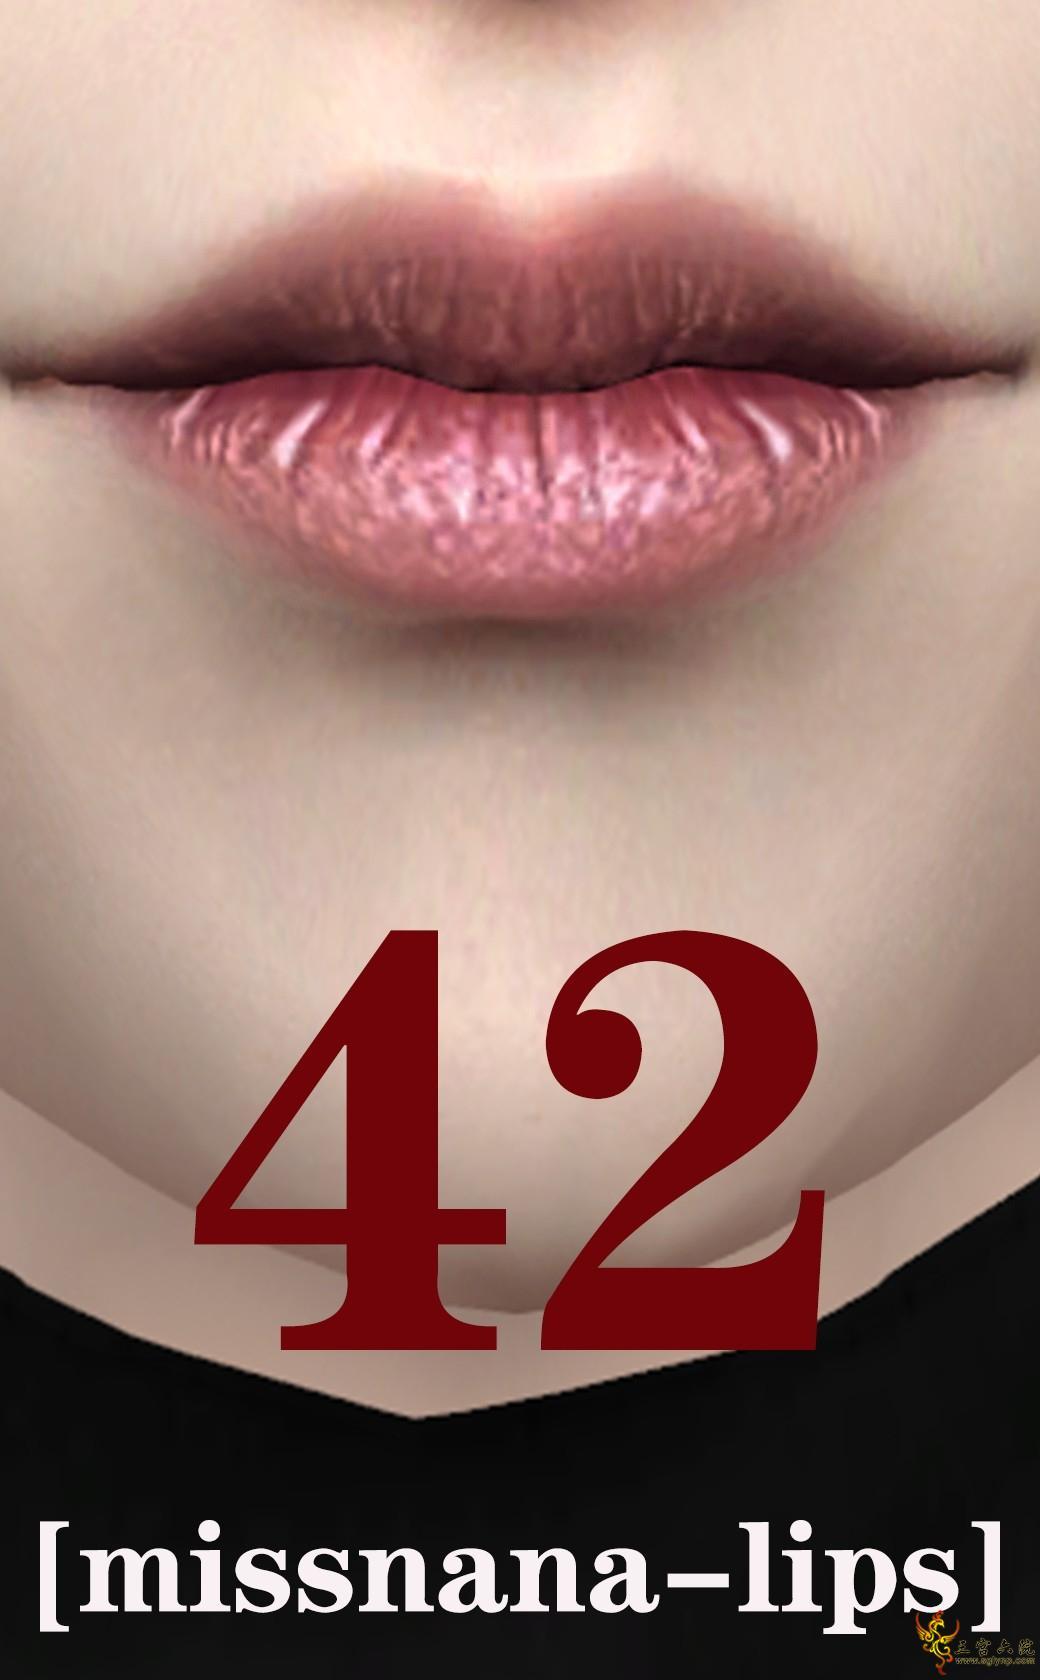 标志42.png